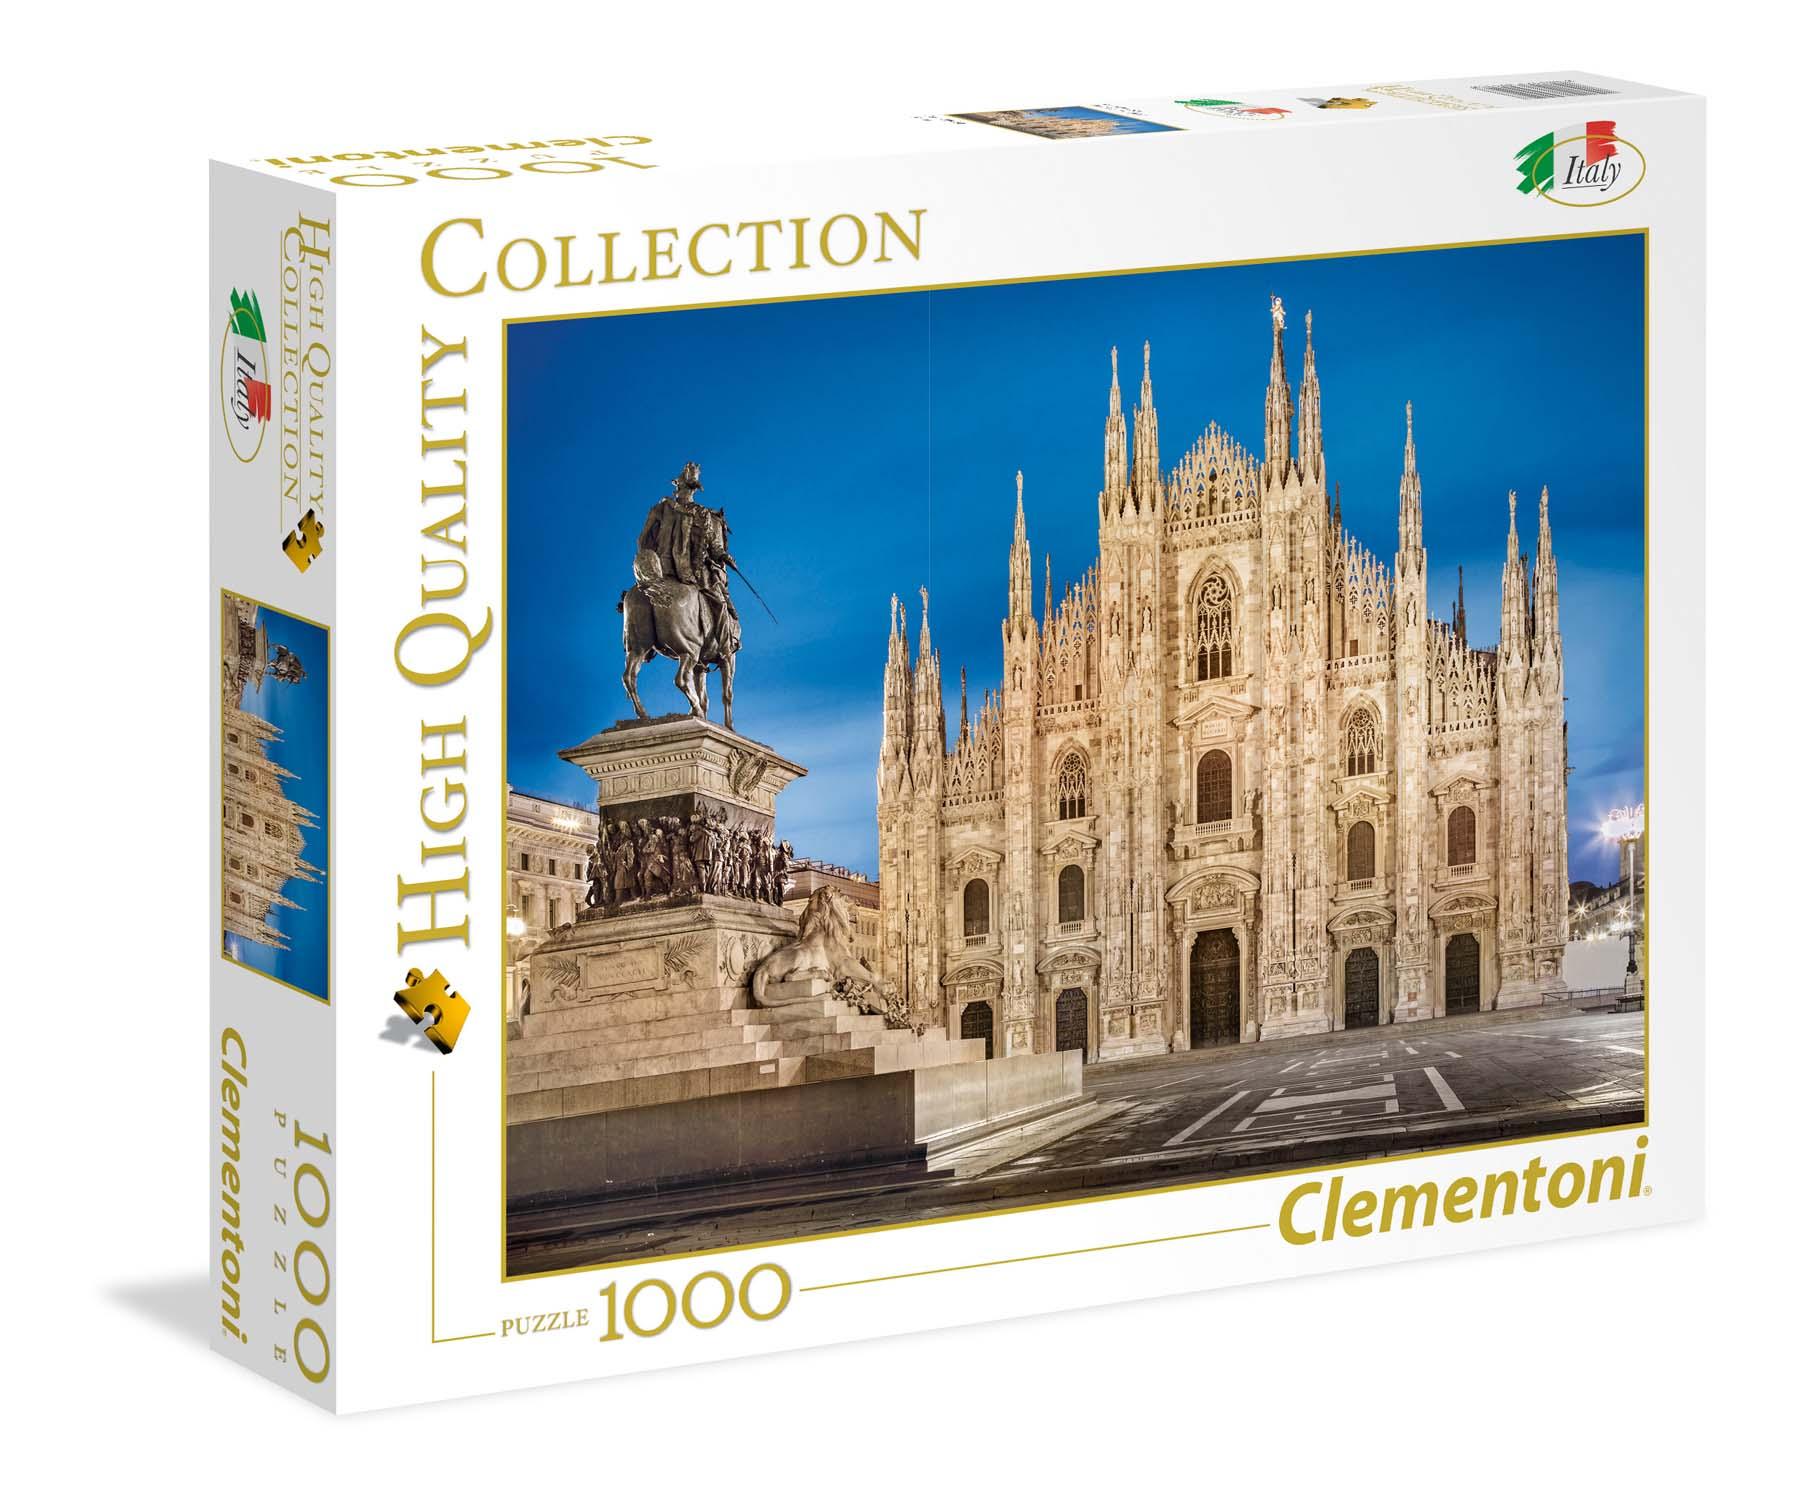 Merchandising Puzzle 1000 Pz - High Quality Collection - Italia - Milan NUOVO SIGILLATO, EDIZIONE DEL 07/03/2018 DISPO ENTRO UN MESE, SU ORDINAZIONE